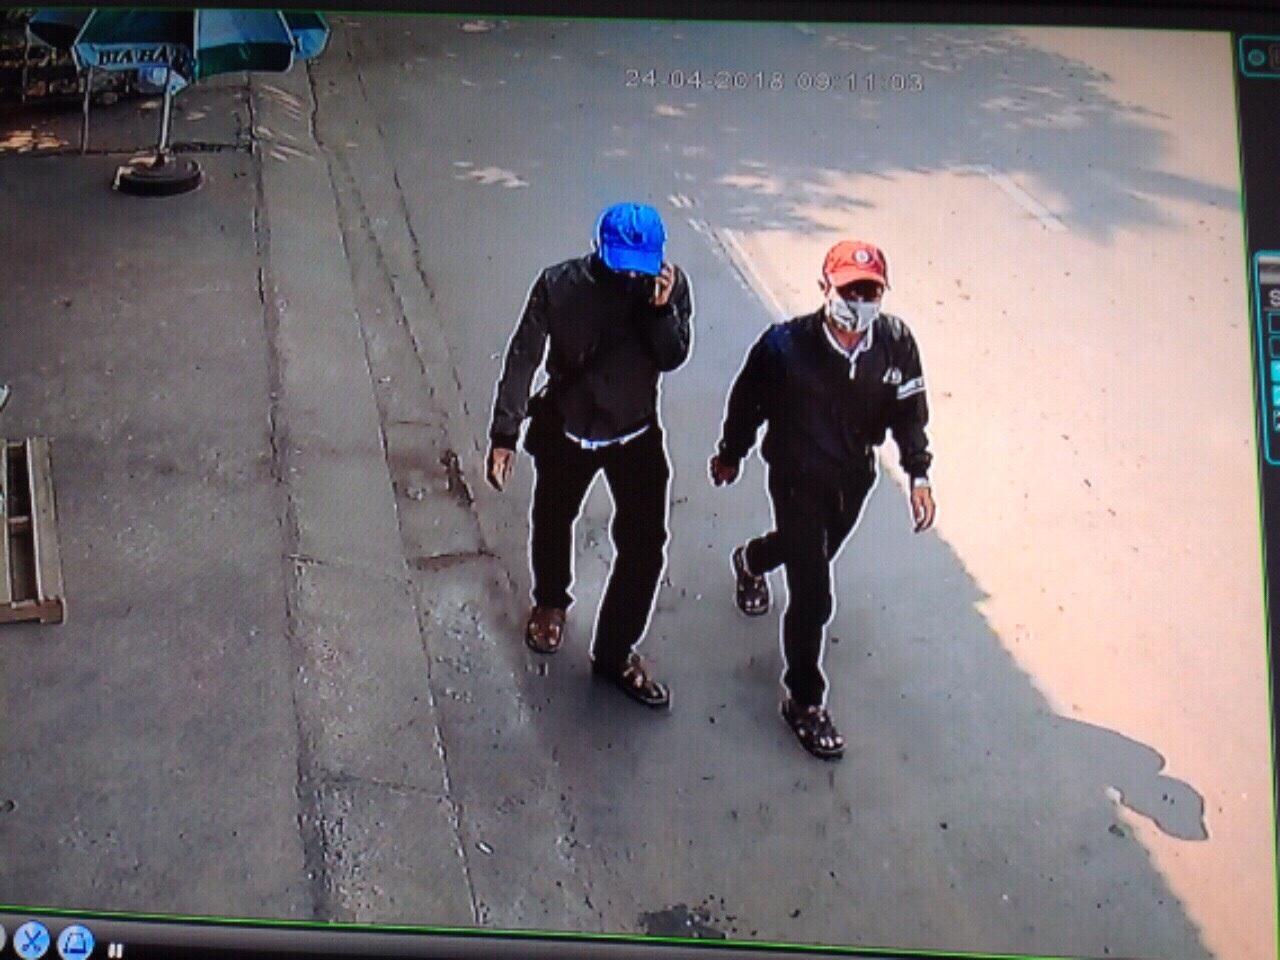 Định và Hà cải trang thành học sinh để vào trộm cắp tài sản.